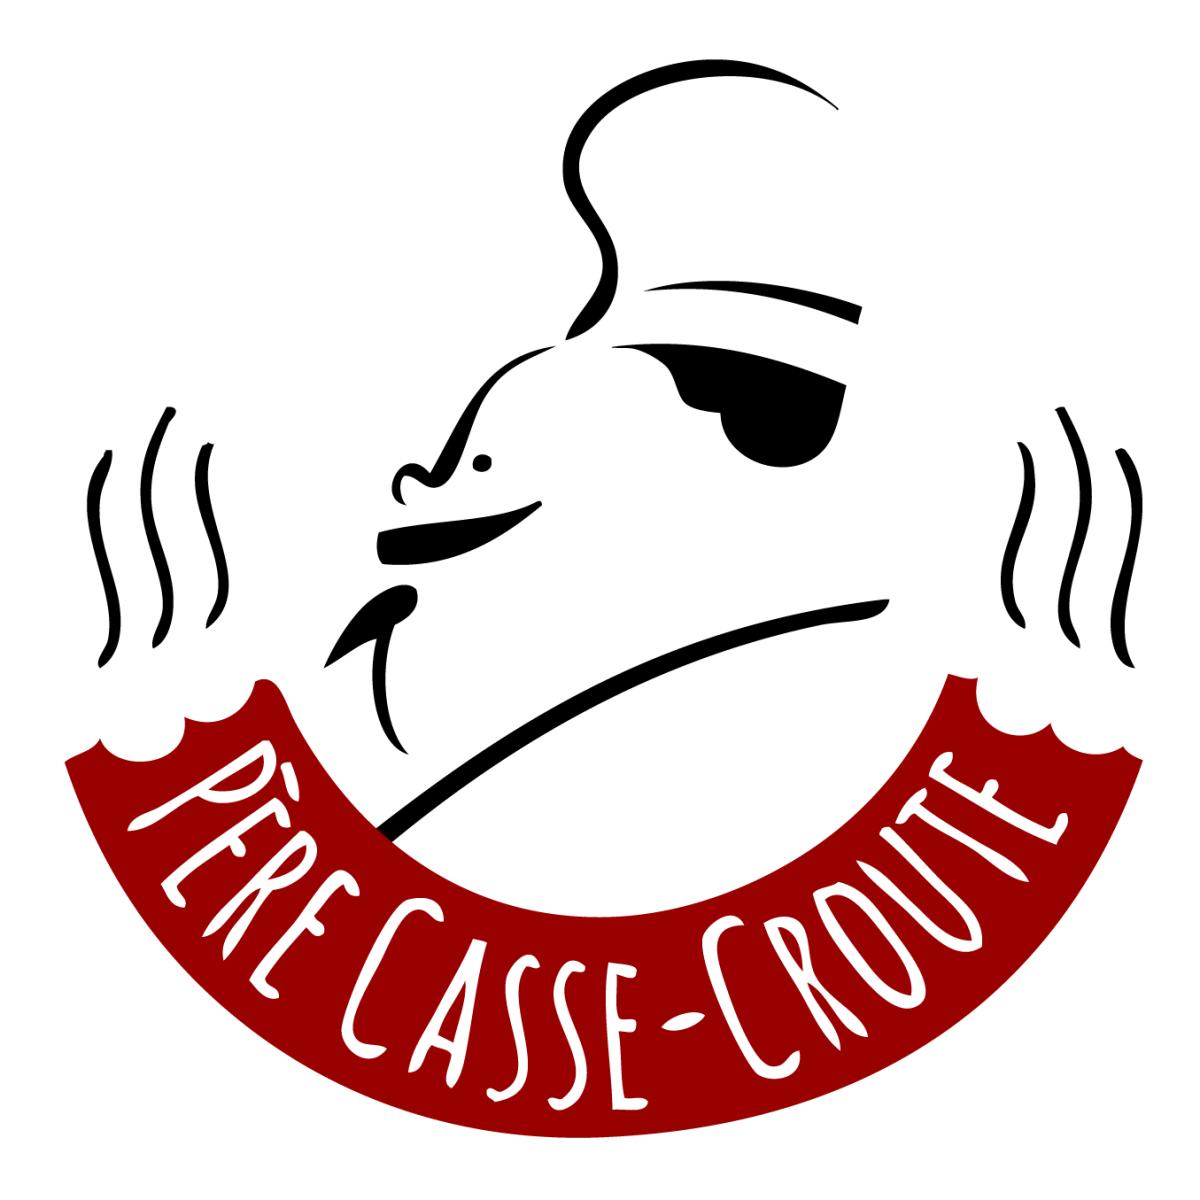 Le père casse croute - Vauvert